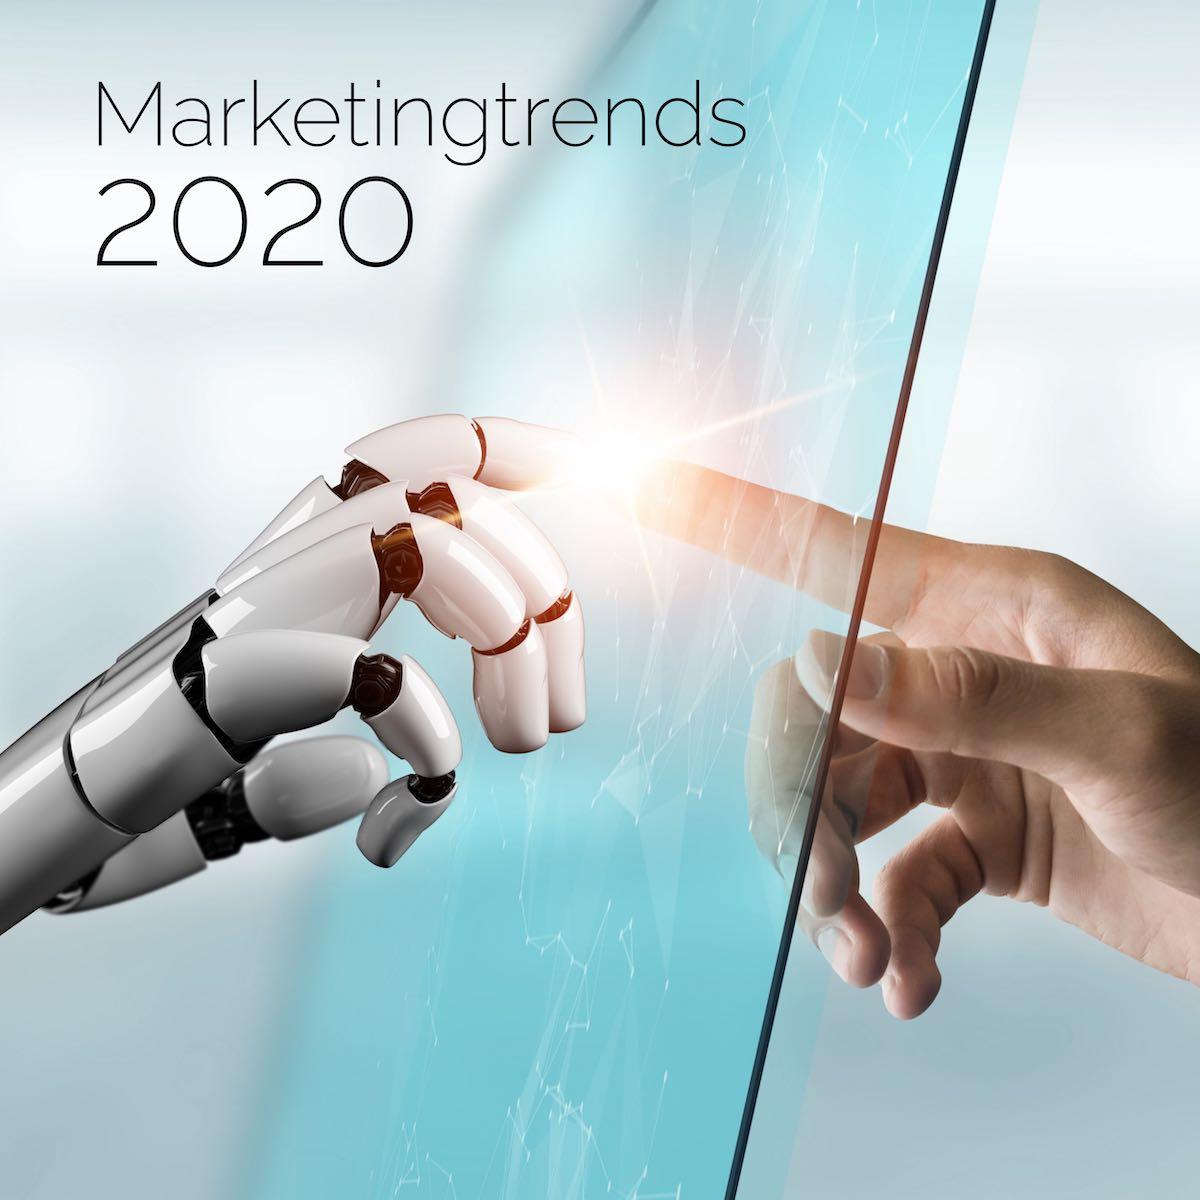 geschmacksRaum_WERBEAGENTUR_Marketingtrends_2020_sechs_Trends_die_in_diesem_Jahr_wichtiger_werden_B-f